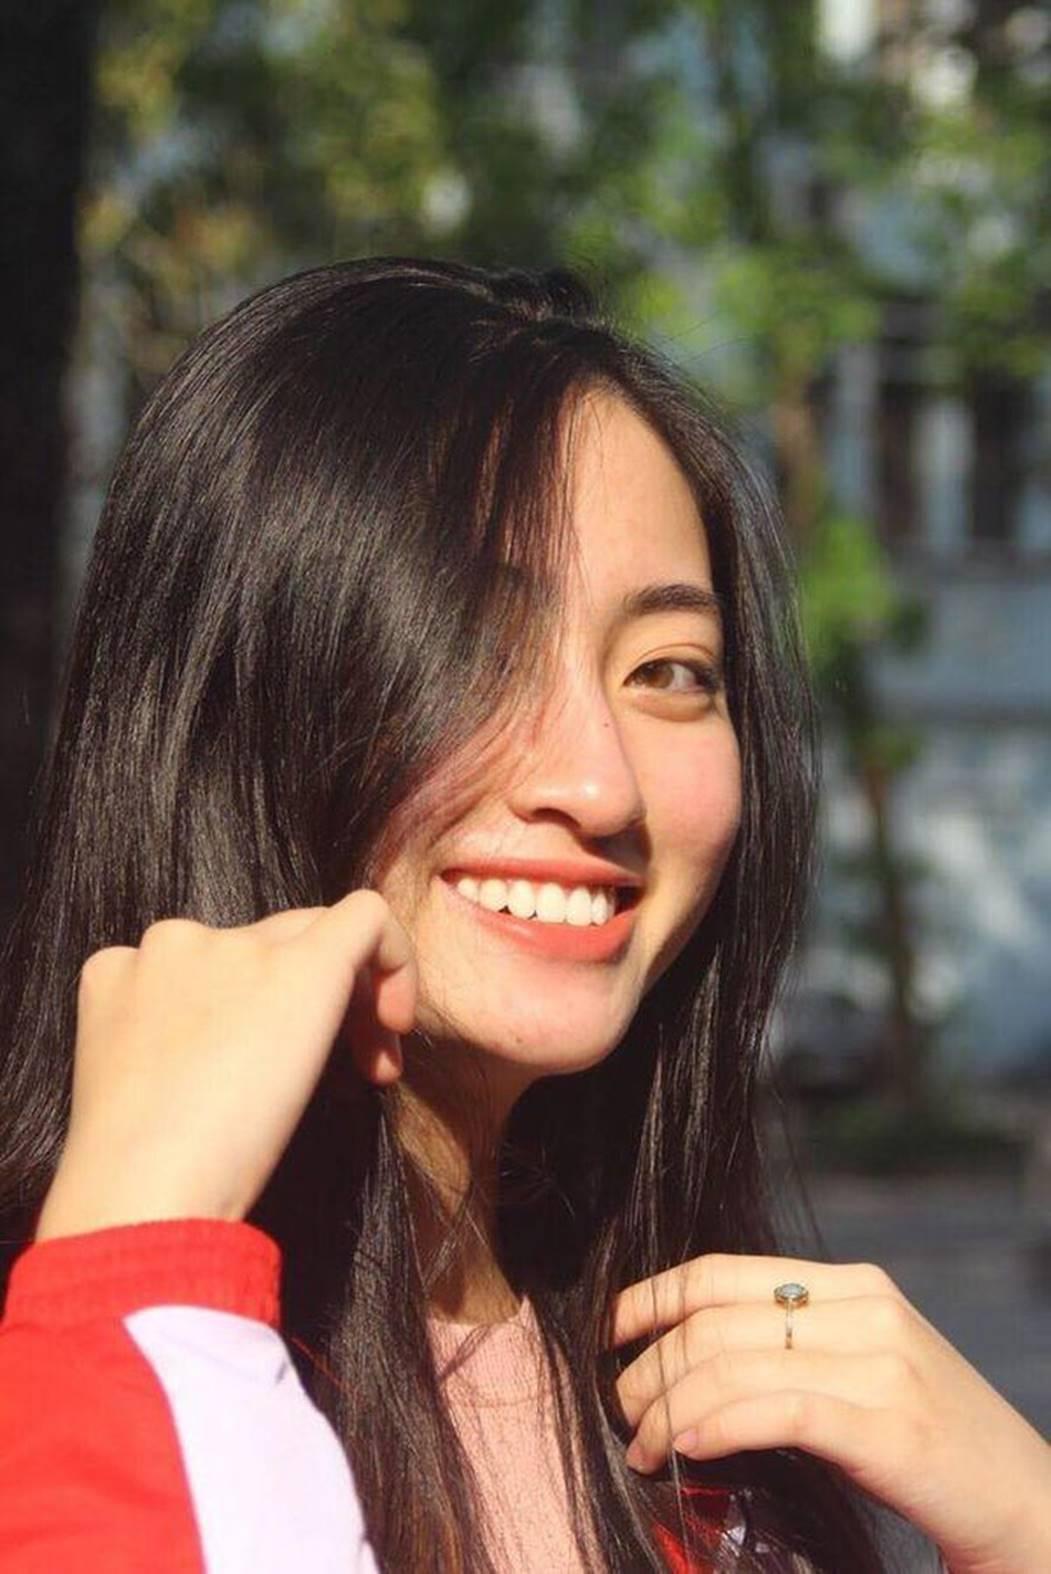 Ngỡ ngàng sự giống nhau của Hoa hậu Lương Thùy Linh và Đỗ Mỹ Linh-8